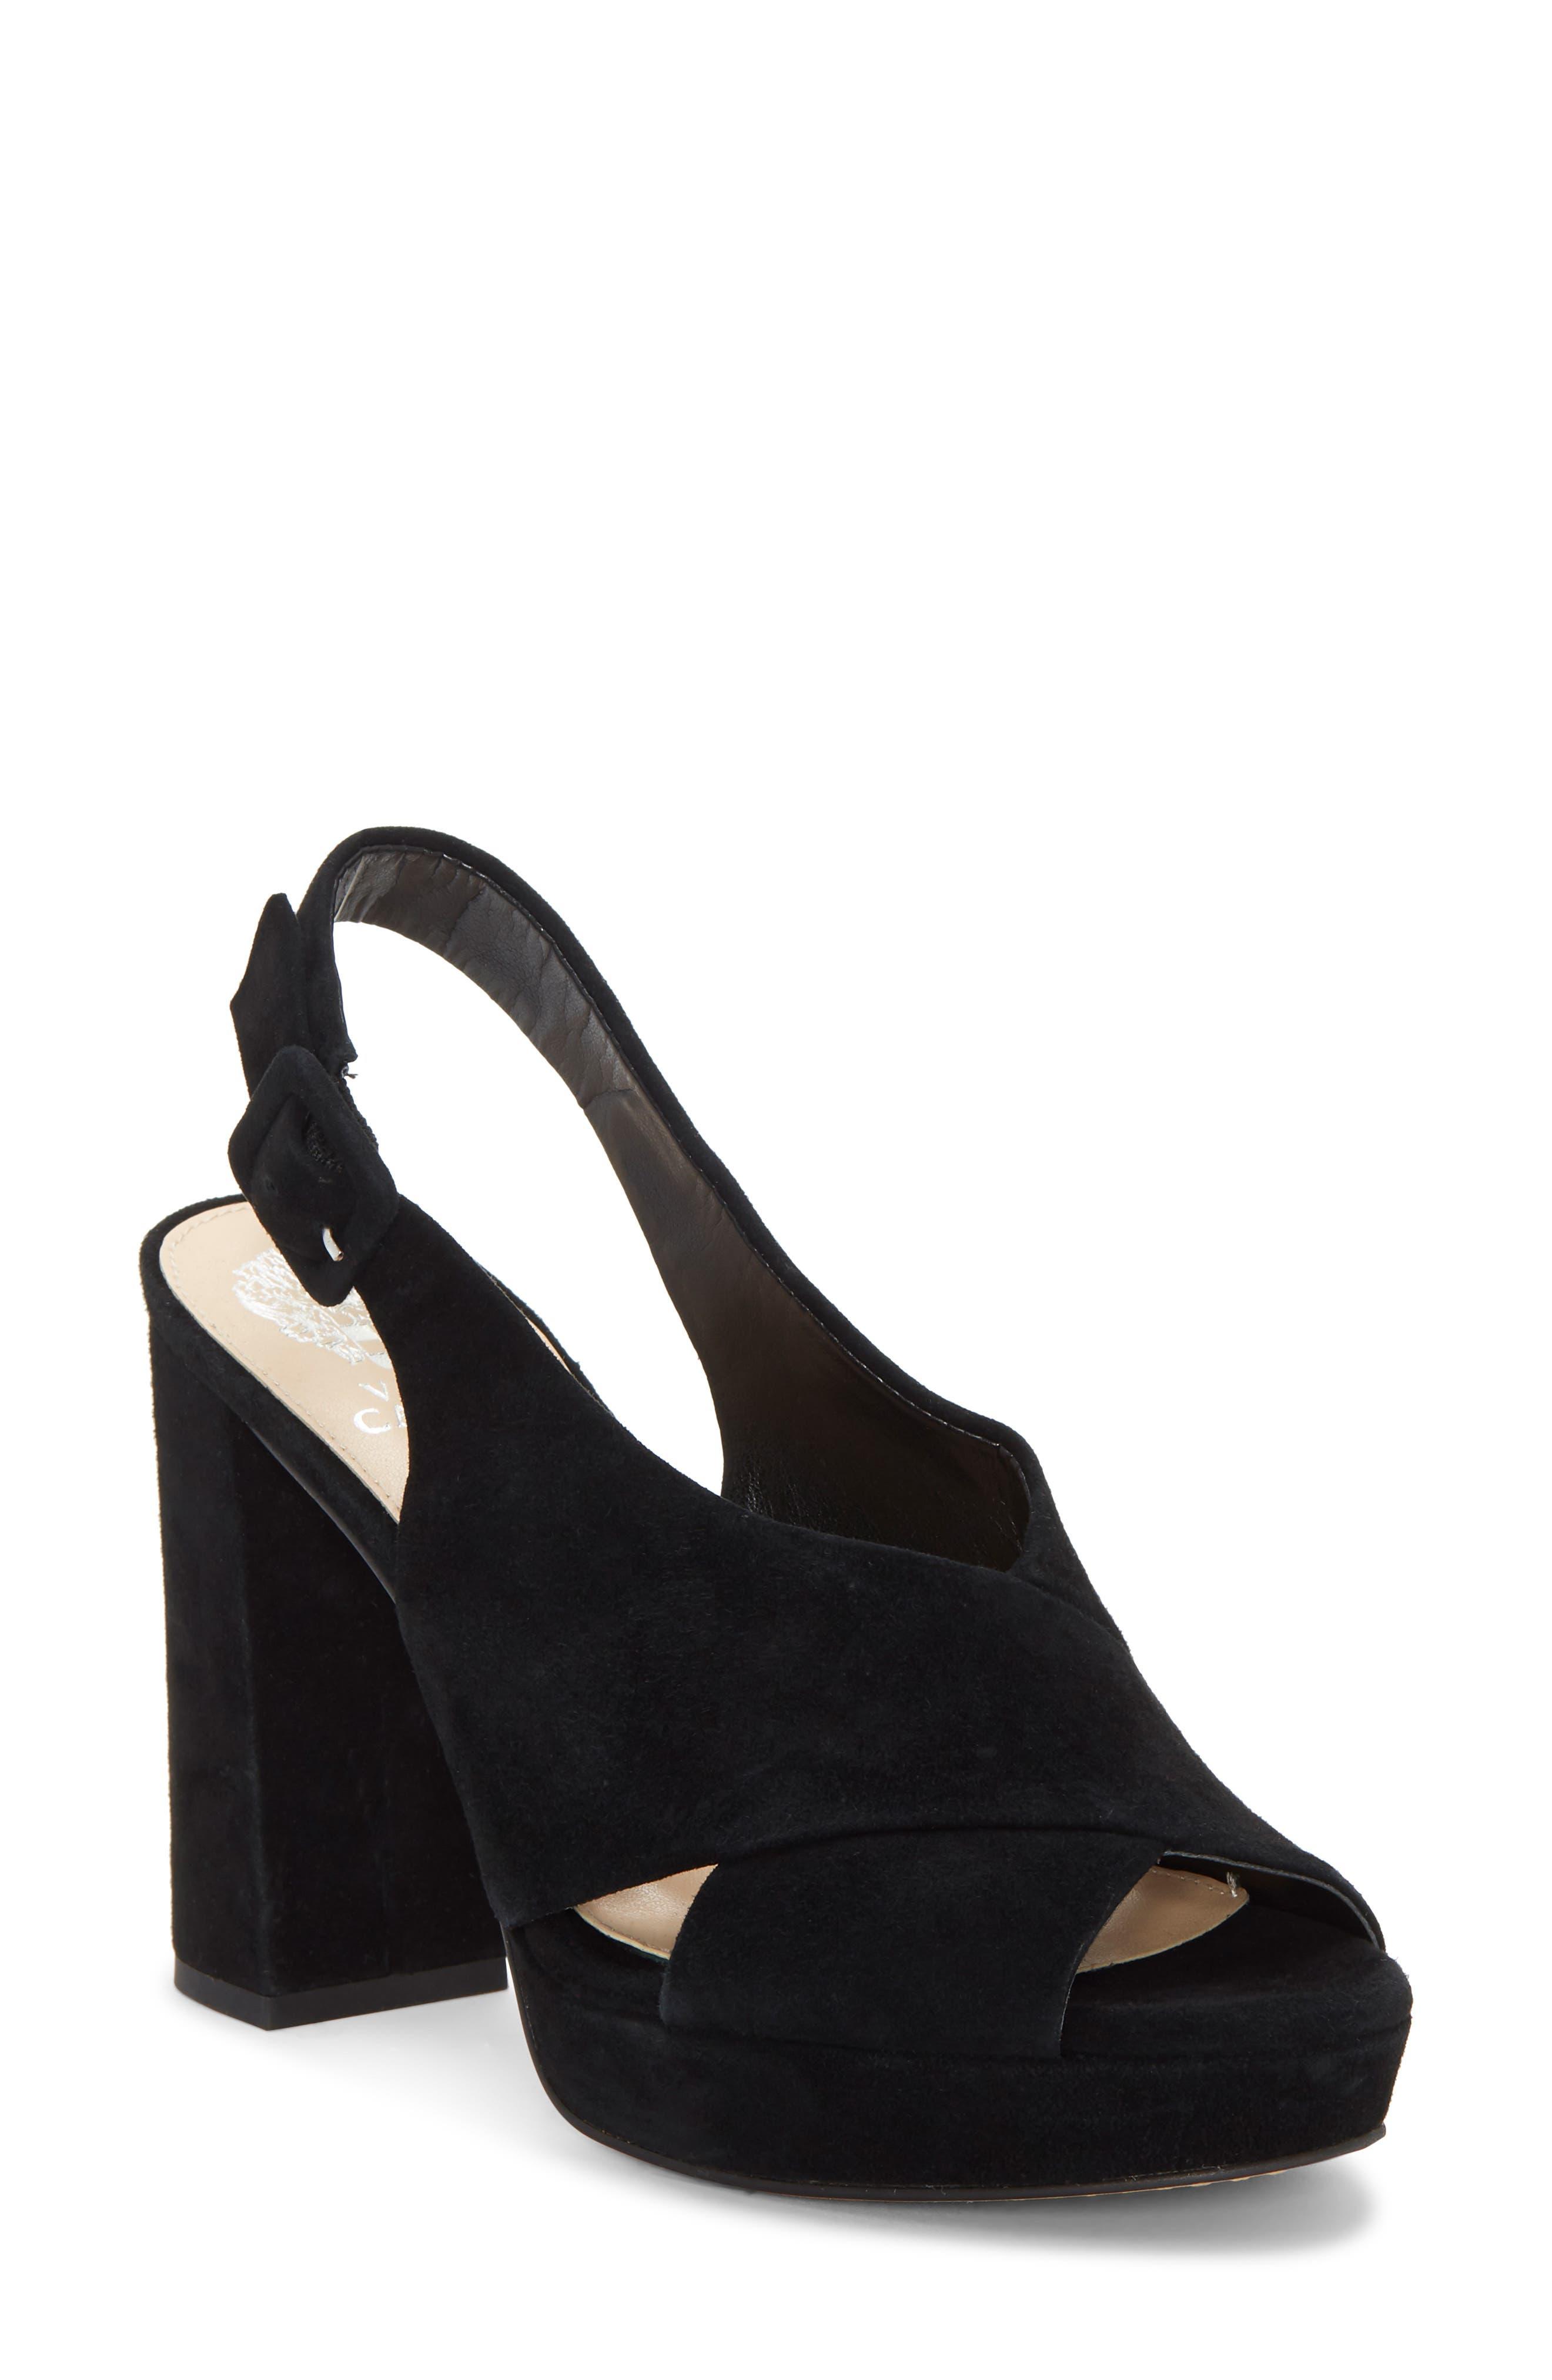 VINCE CAMUTO Slingback Platform Sandal, Main, color, BLACK 01 SUEDE